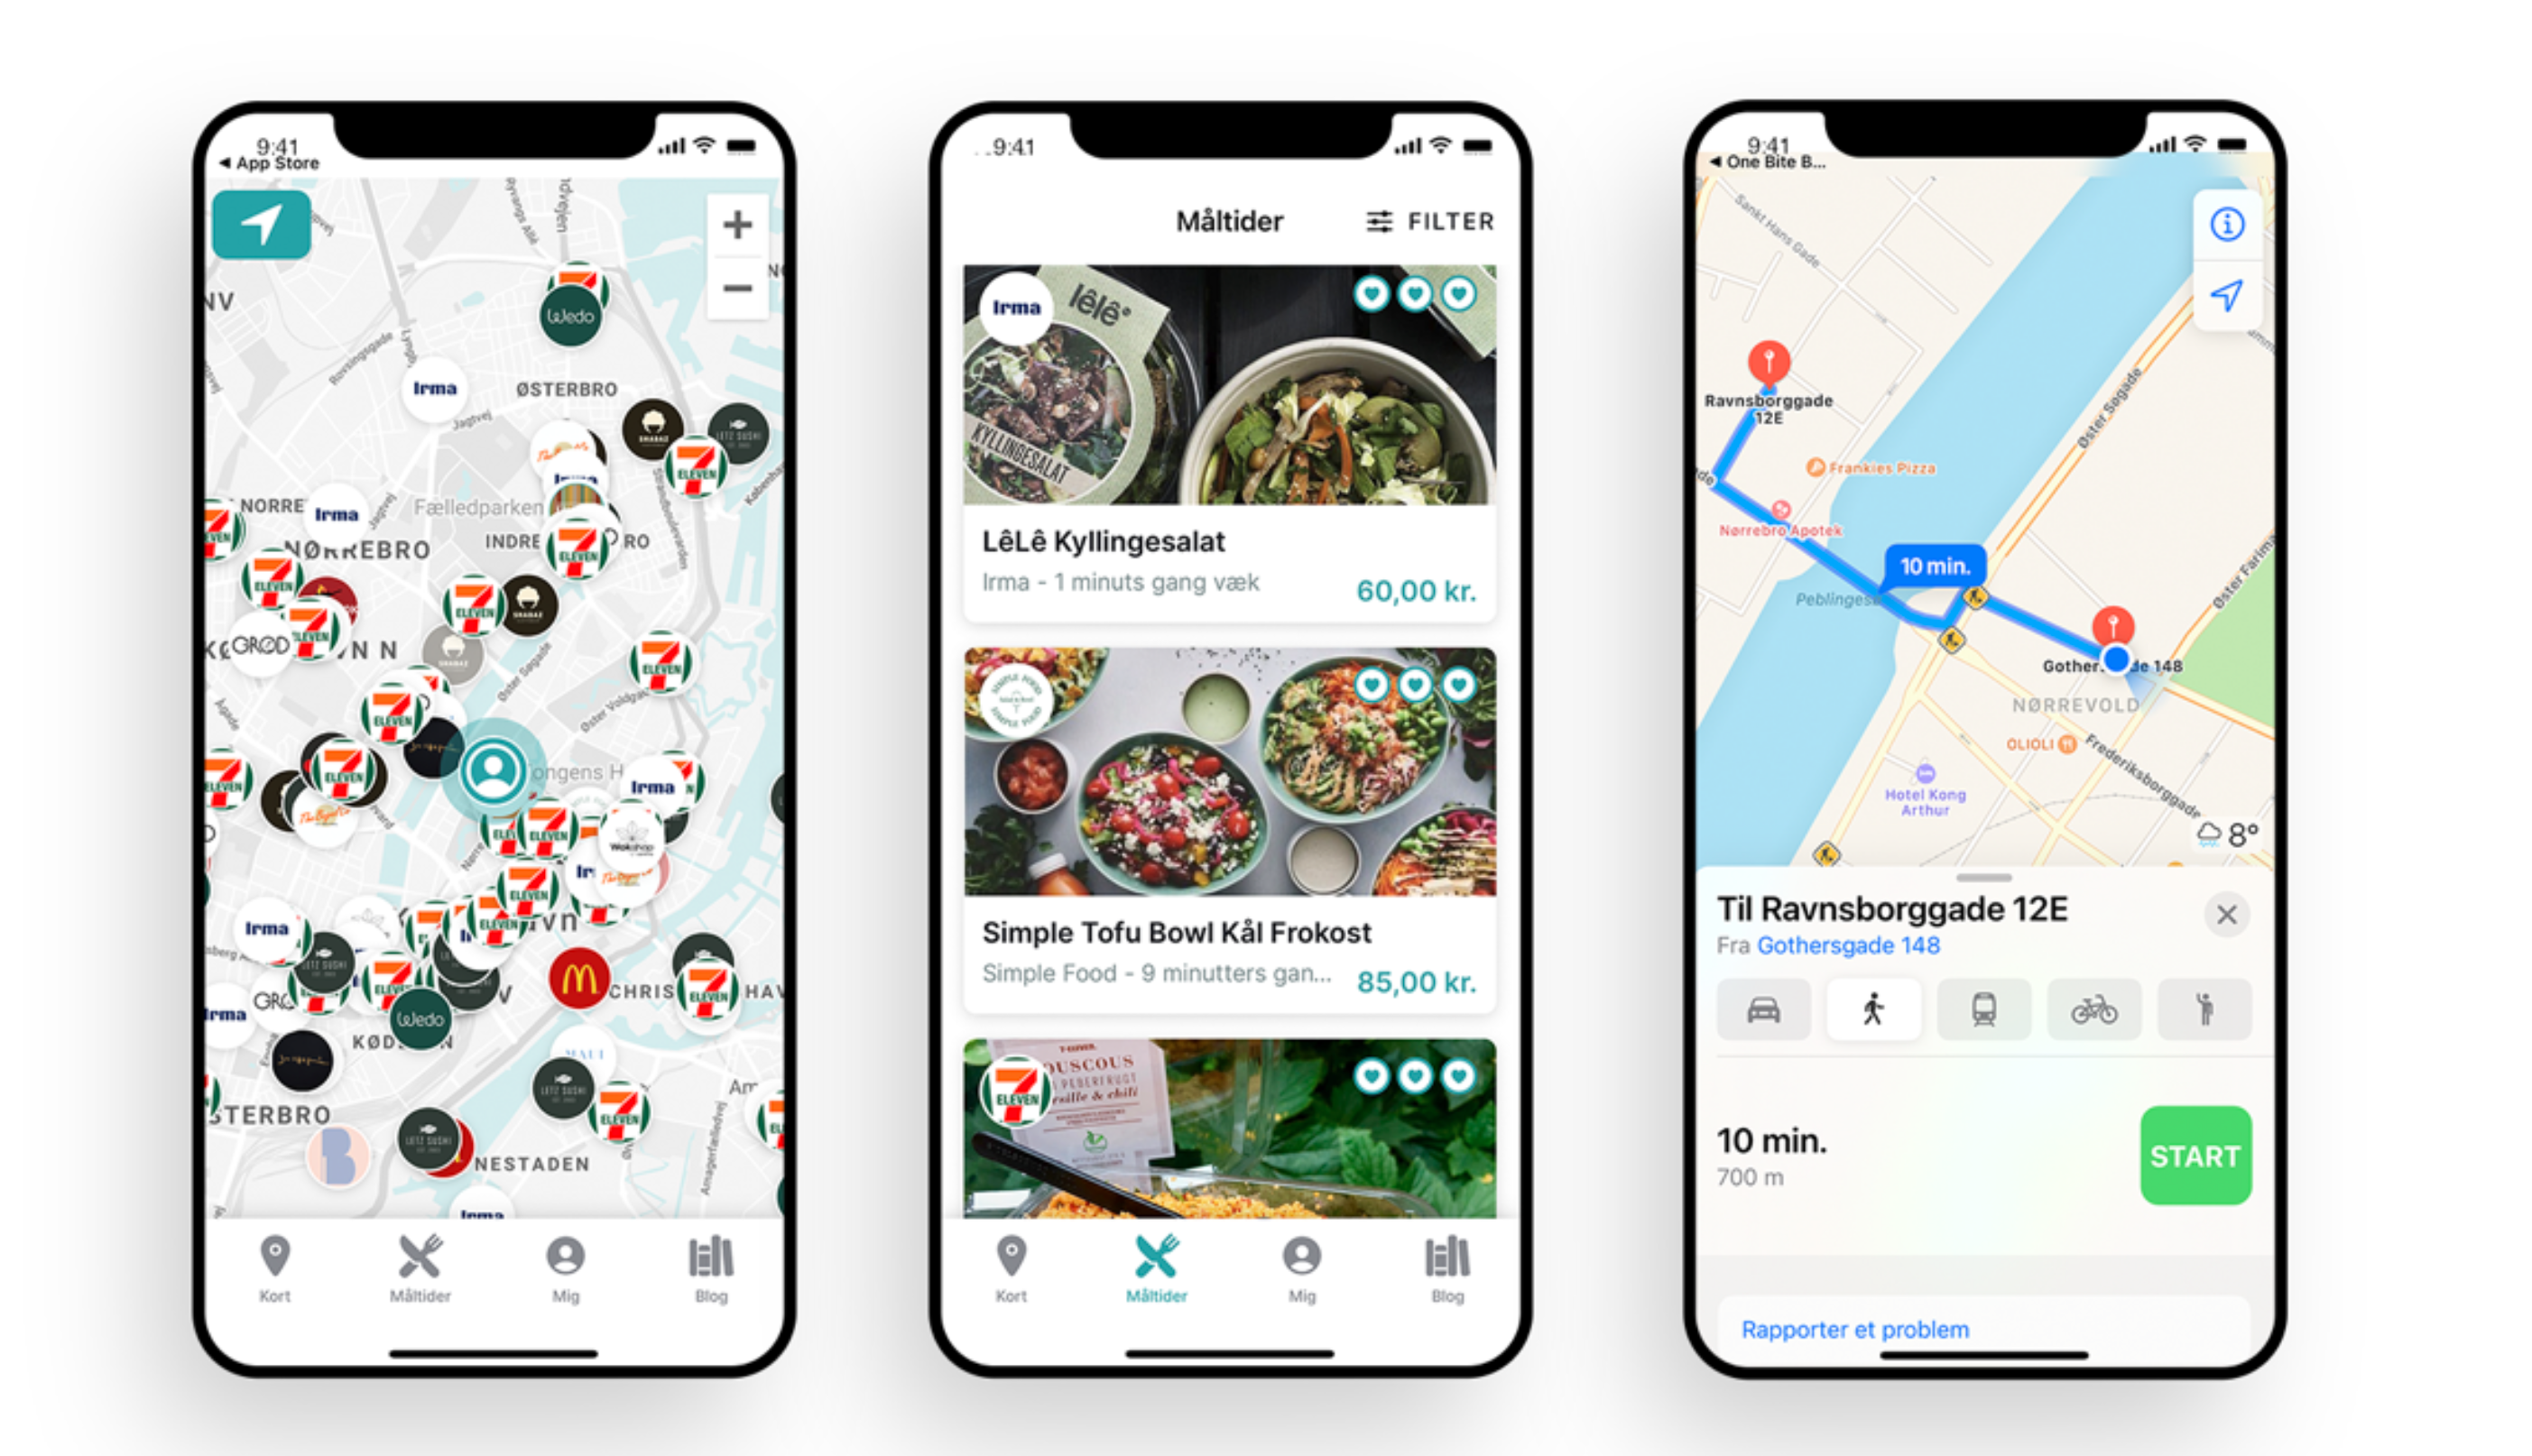 Ovenpå sommerferien: Populær app hjælper med at finde sundere Takeaway